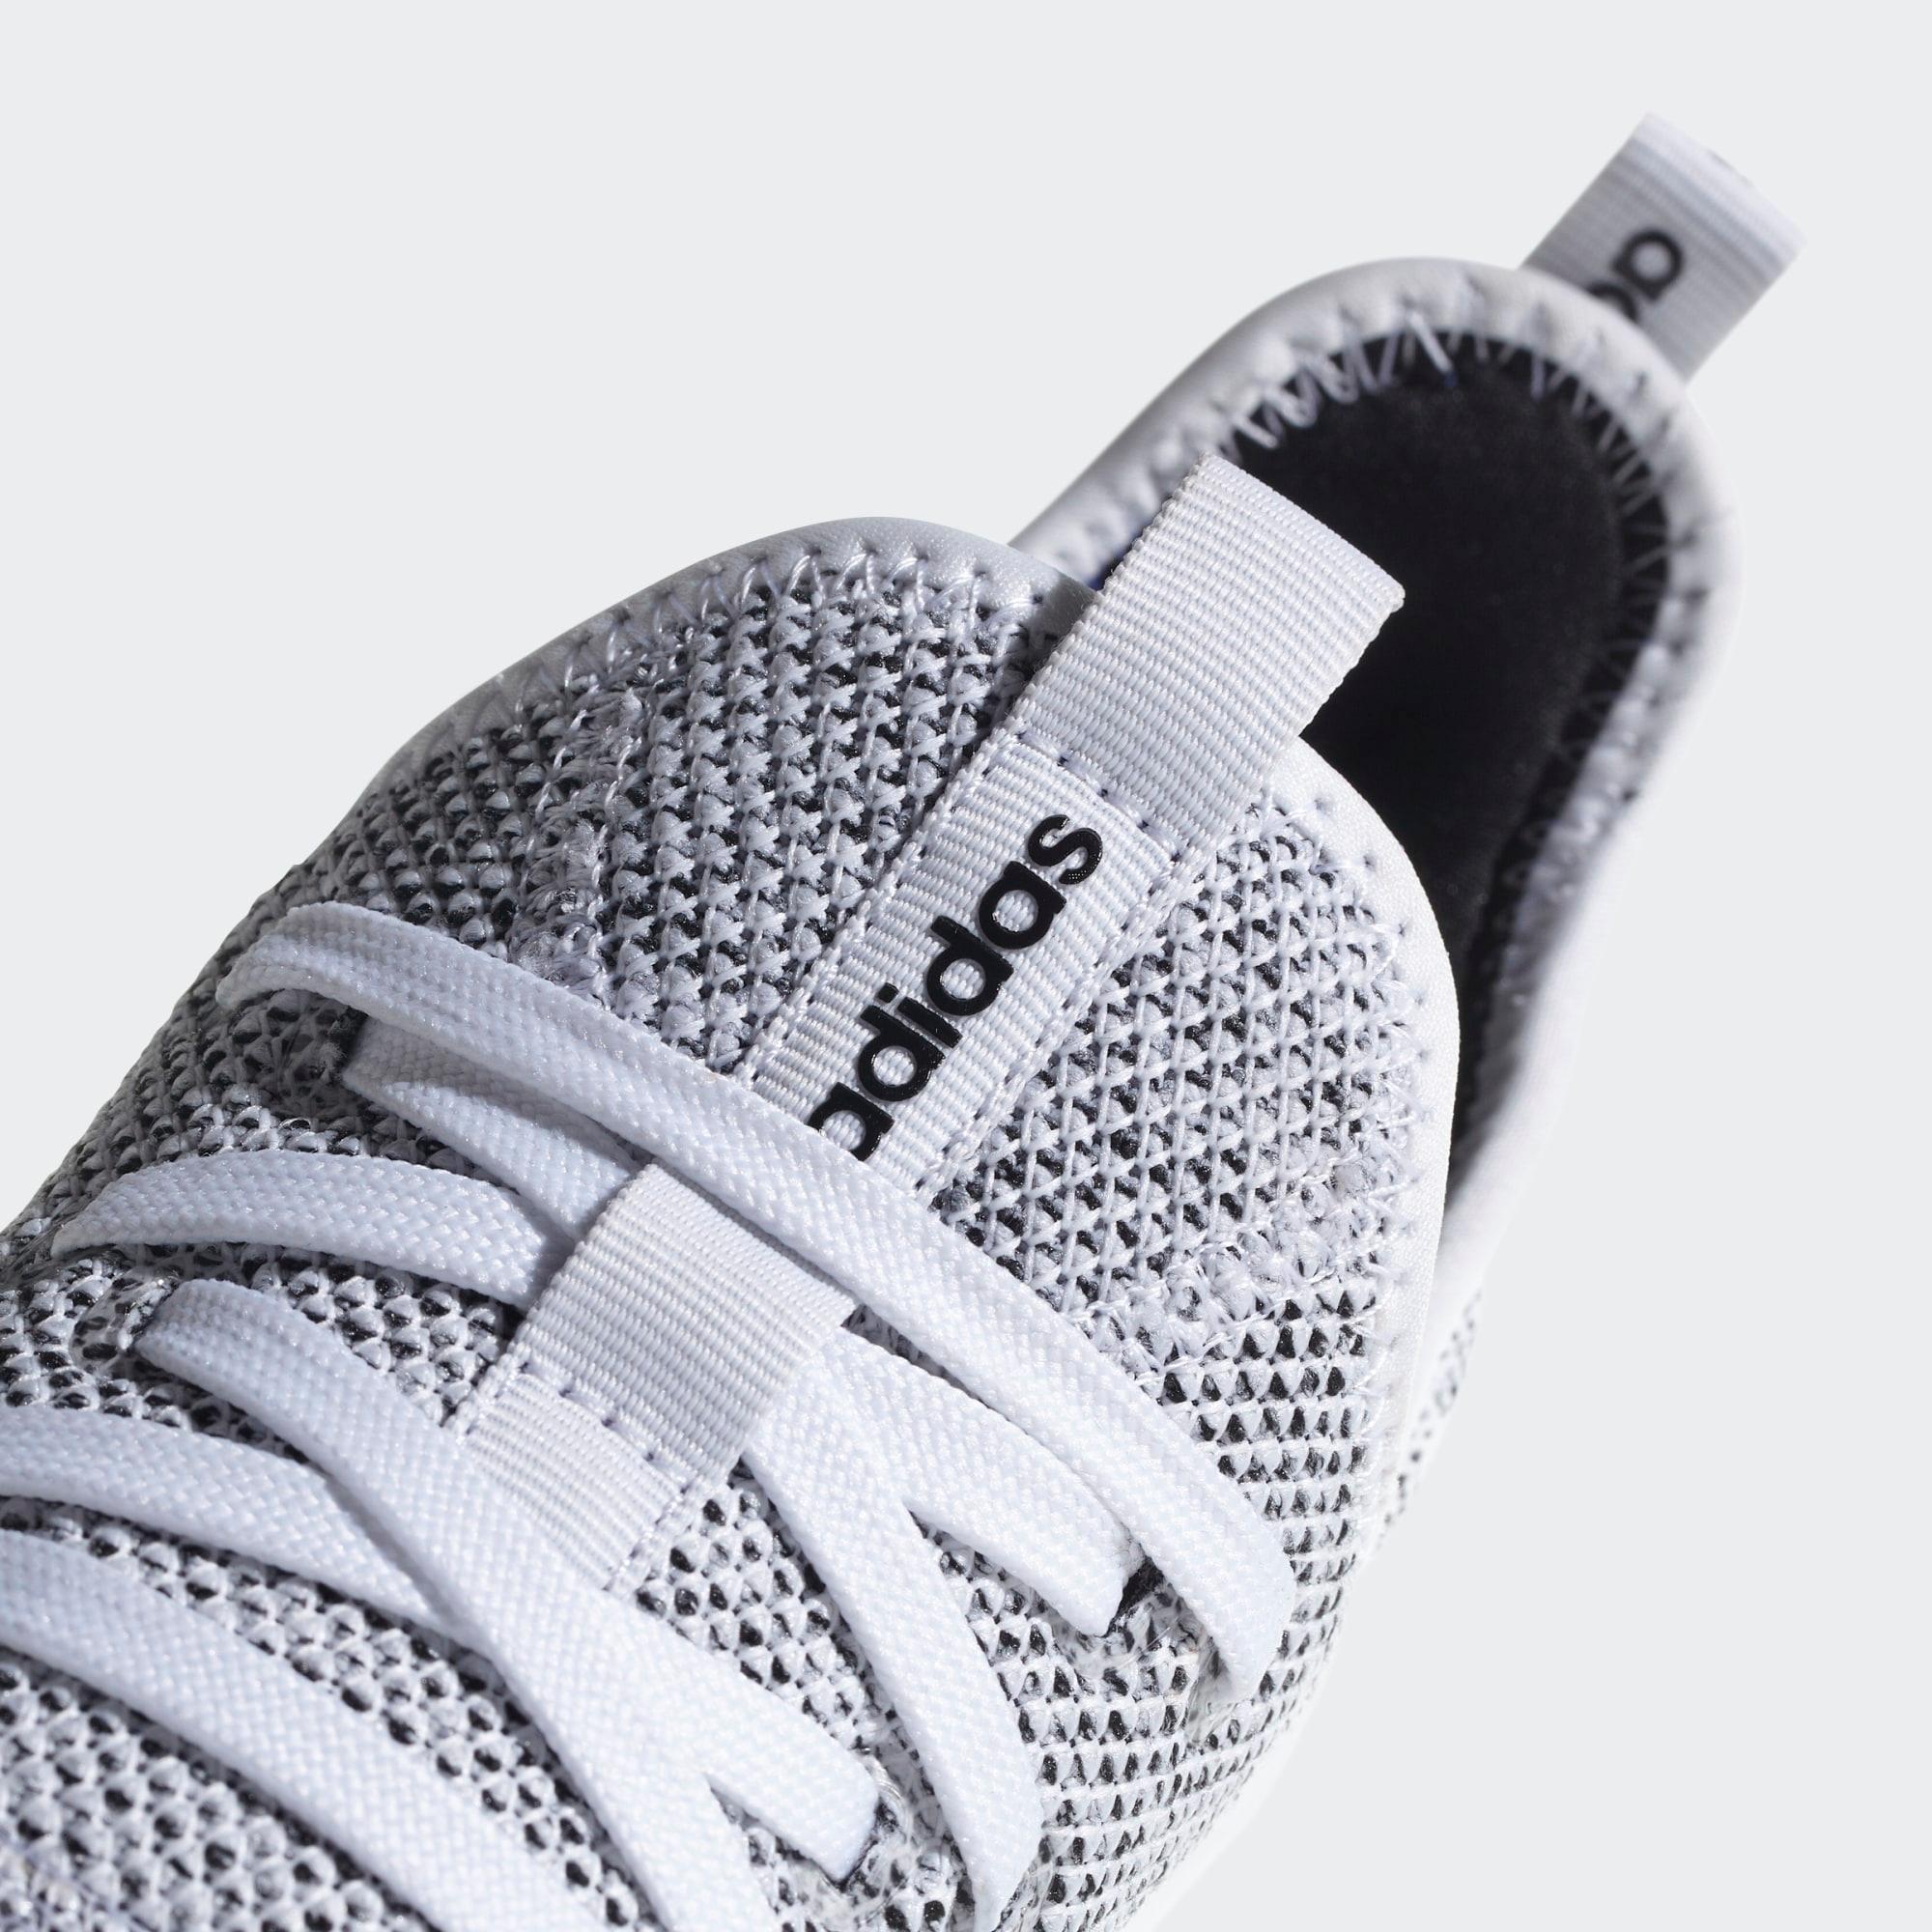 Adidas Turnschuhe Damen Damen Damen grau Ftwr Weiß Core schwarz im Online Shop von SportScheck kaufen Gute Qualität beliebte Schuhe 0184e7